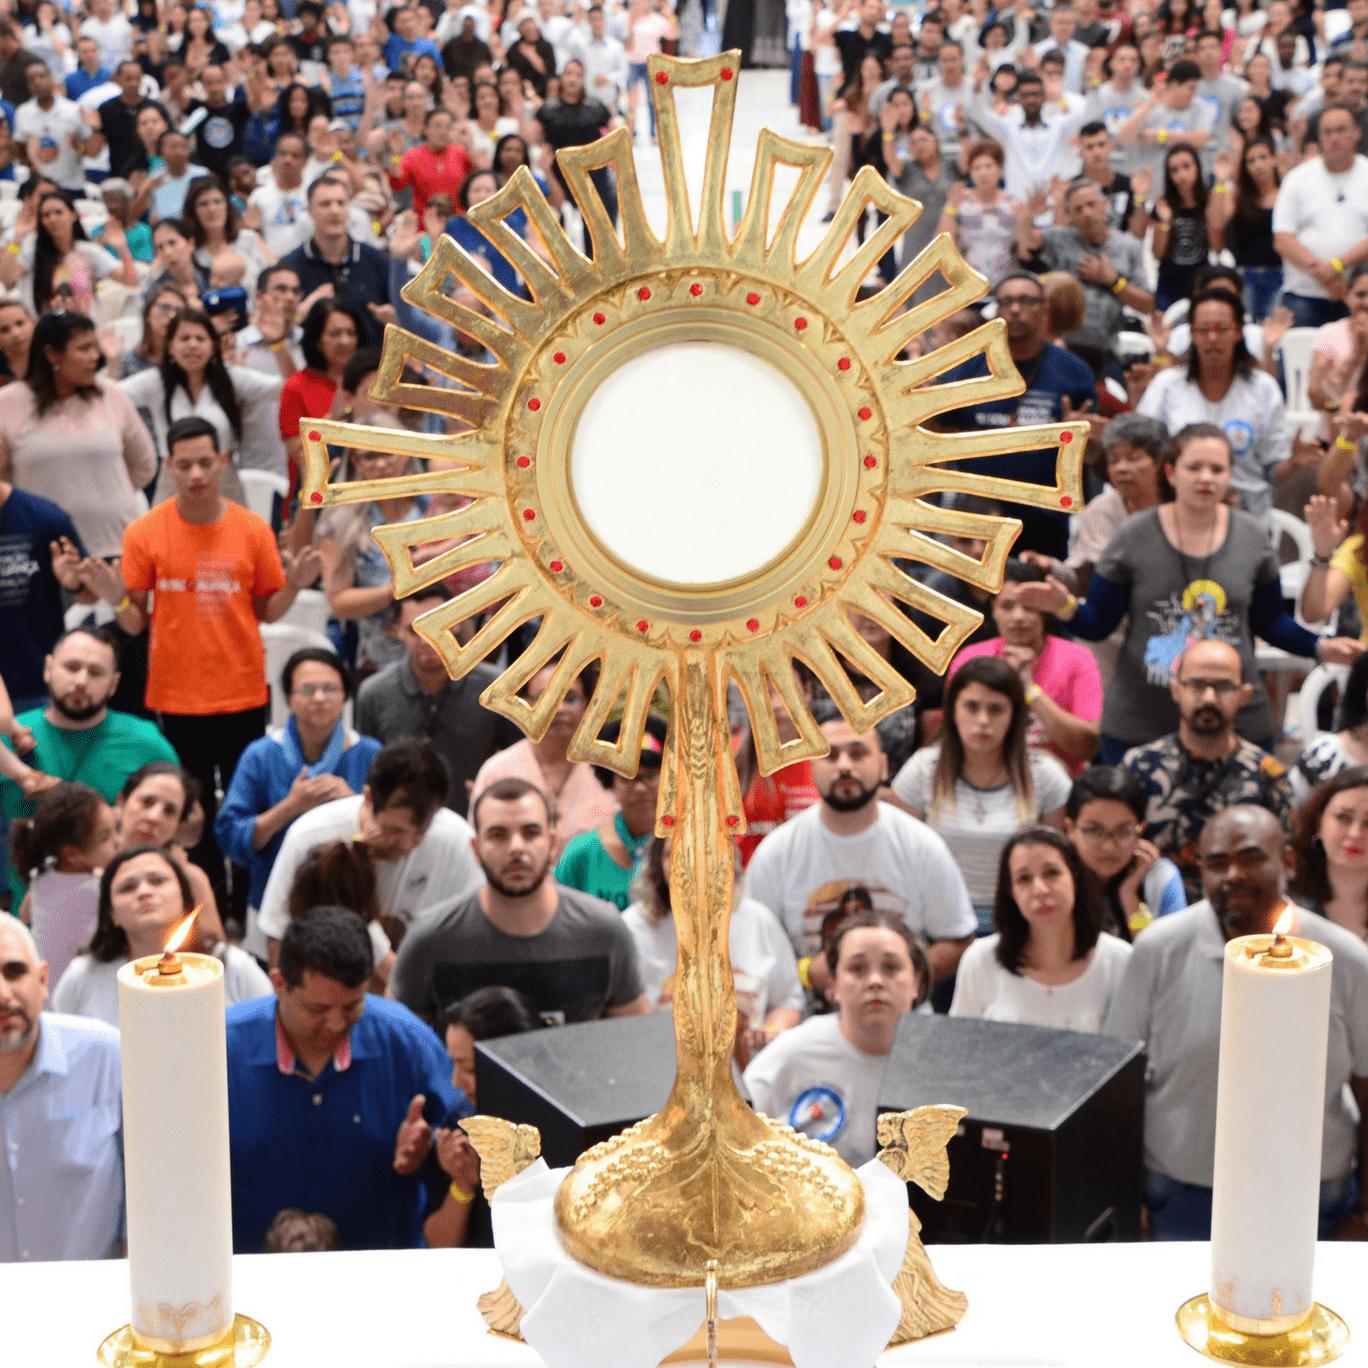 Membros da Aliança adoram o Santíssimo Sacramento